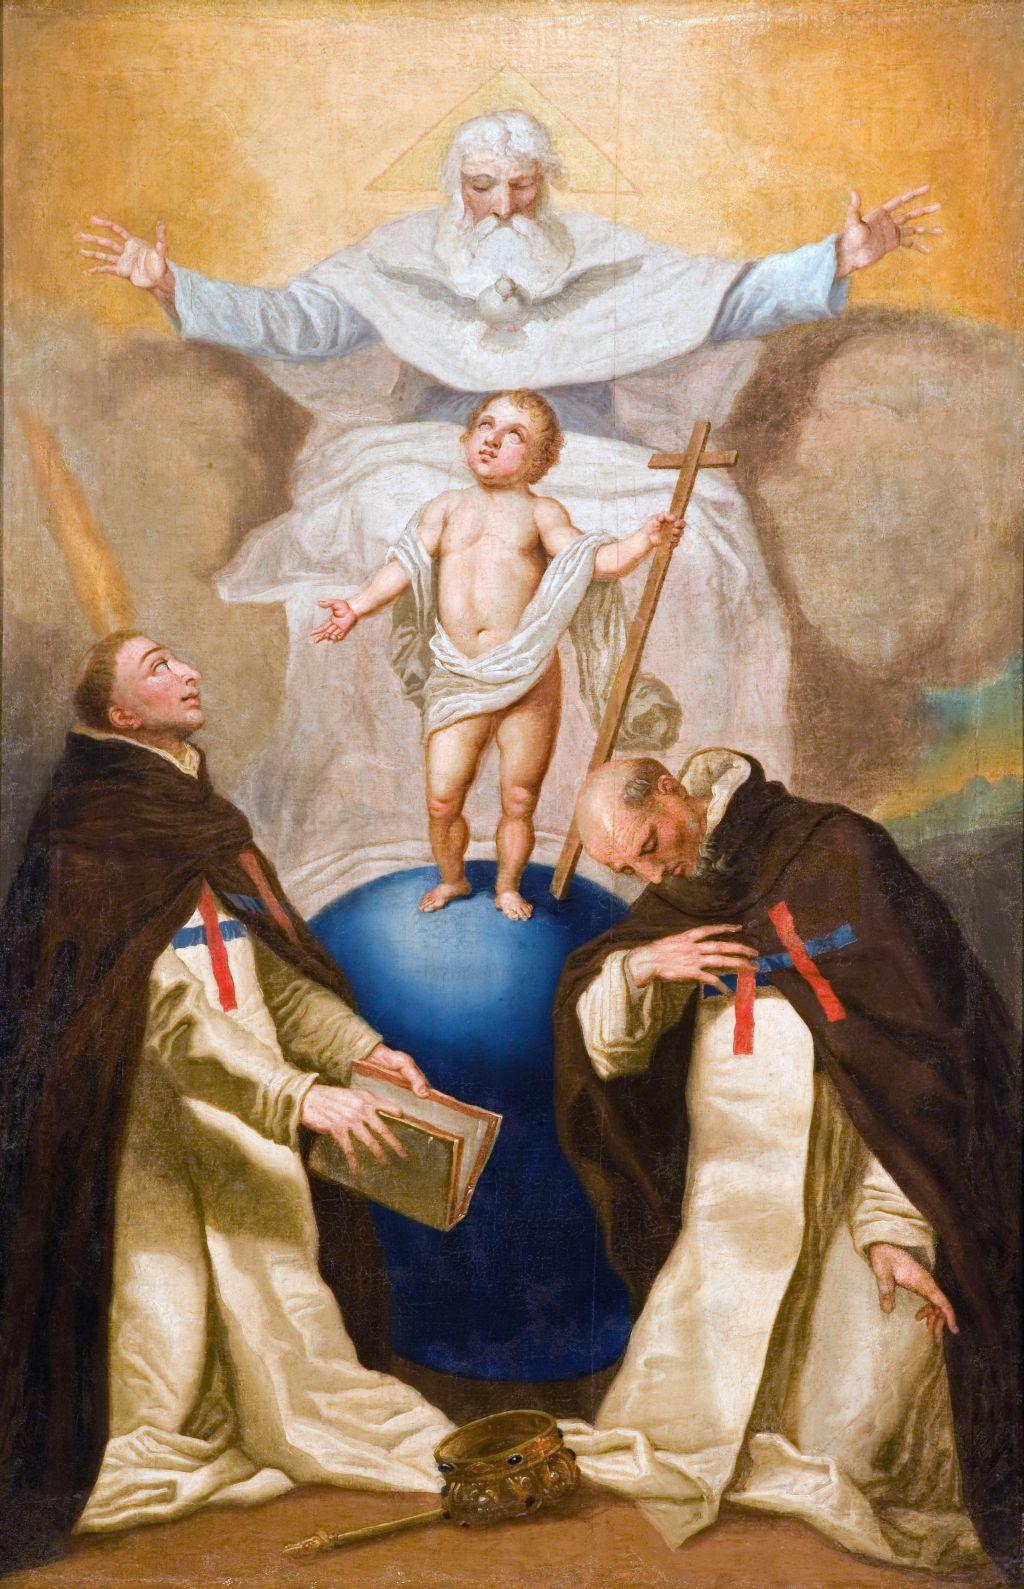 A Szentháromság a trinitárius rend alapítóival, Valois Szt. Félix-szel és Mathai Szt. Jánossal / Franciszek Smuglewicz (Smuglevičius), 1790 körül (Vilnius, trinitárius templom)